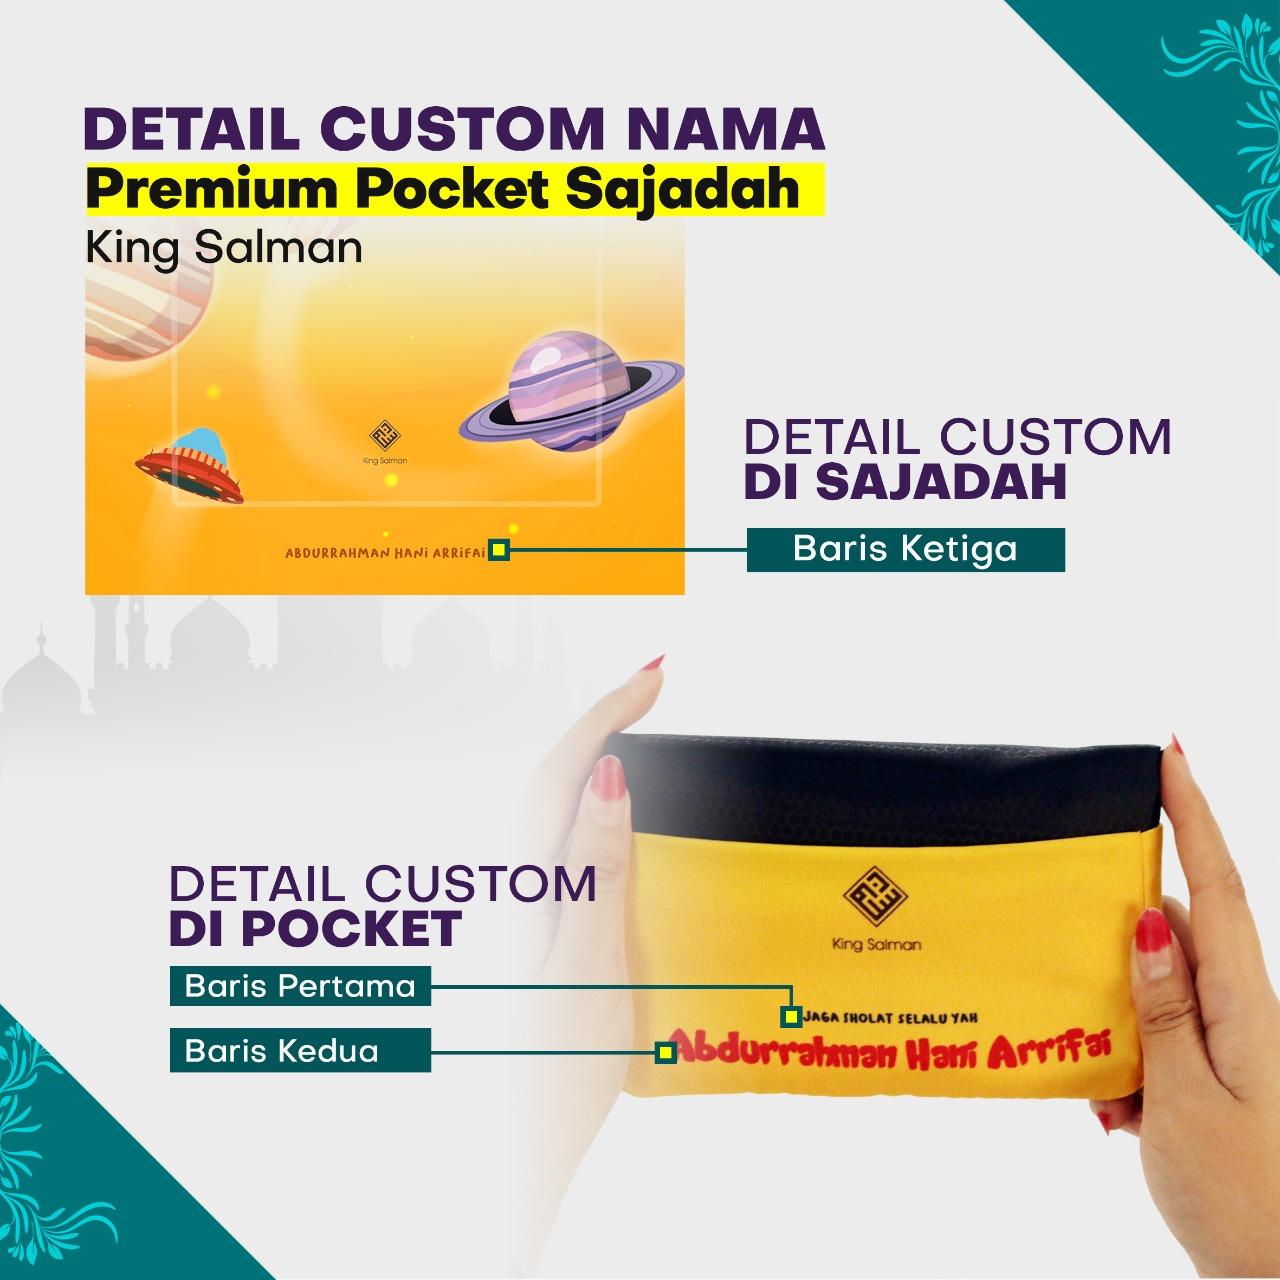 sajadah travel custom nama